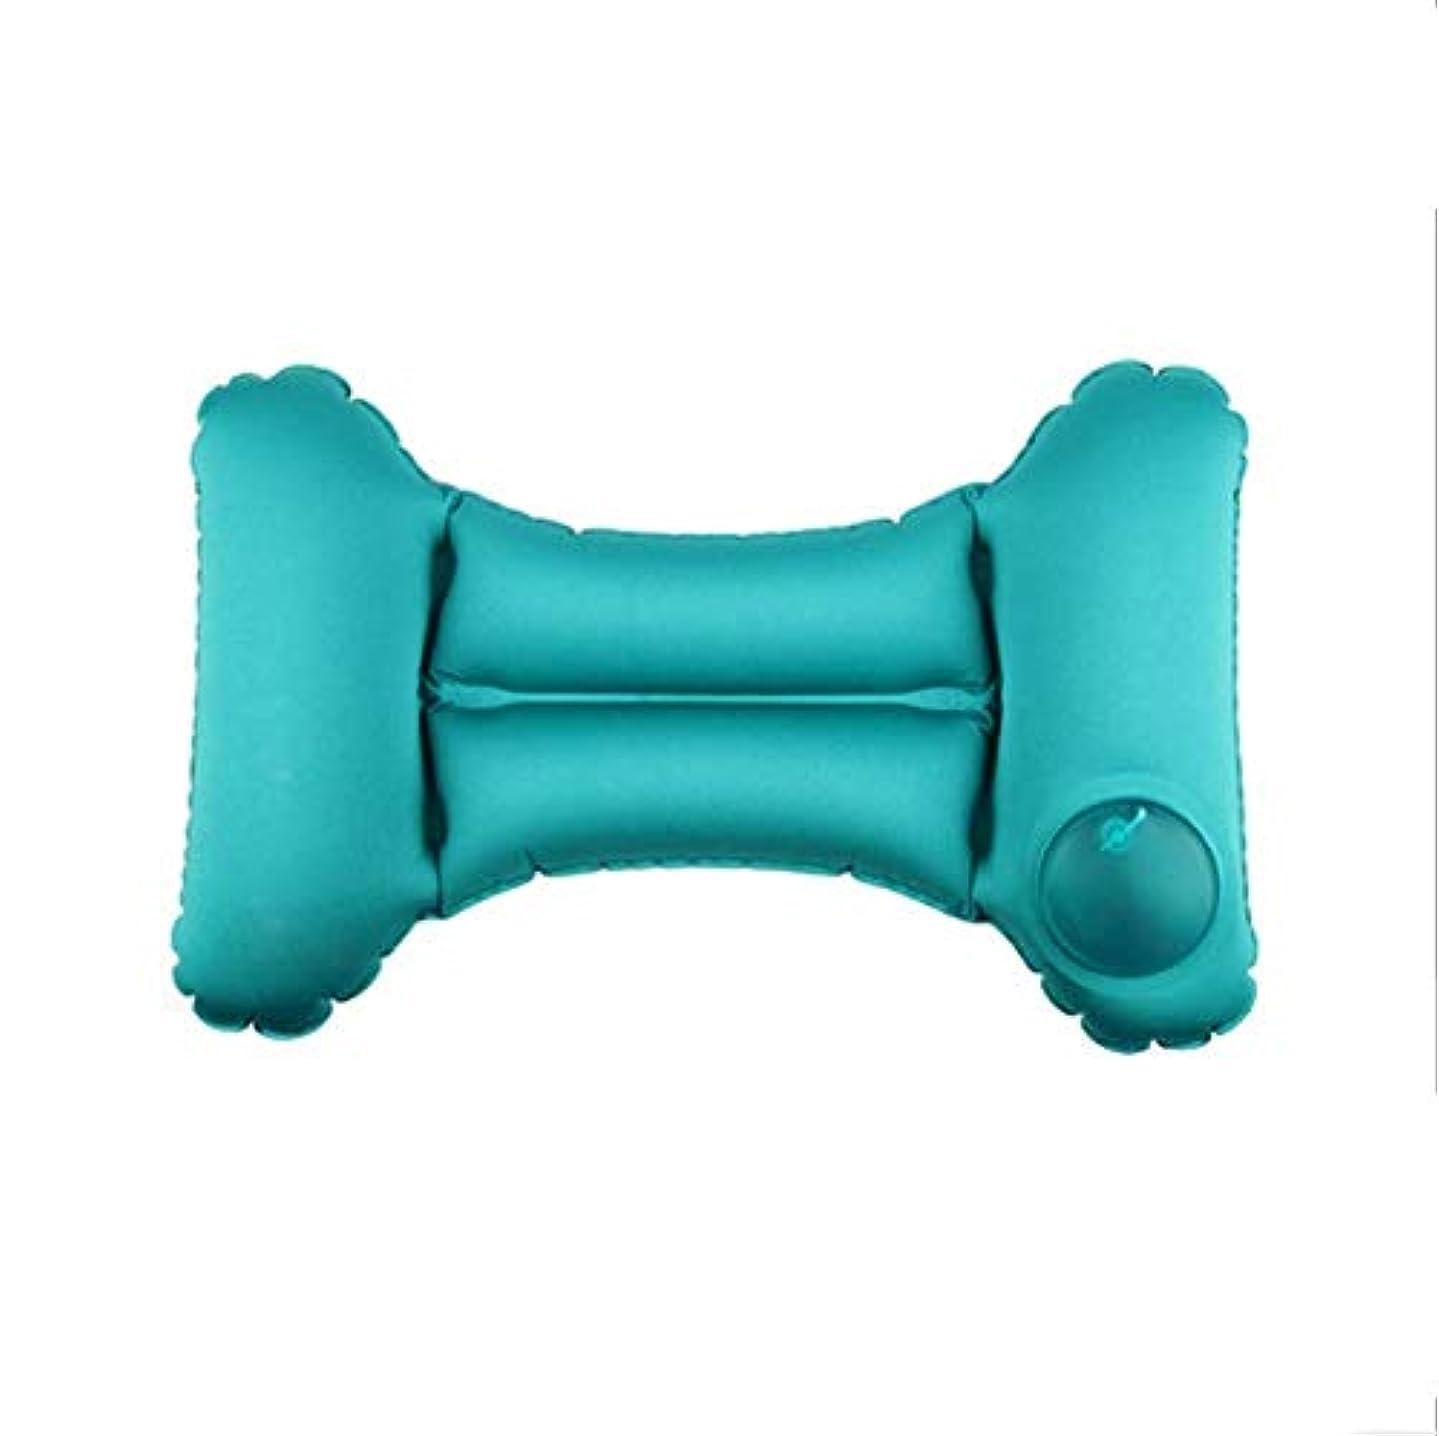 共感する懲戒危険を冒しますLTのU字型の枕旅行枕膨脹可能な旅行枕 - 柔らかい飛行機のウエストのより低い背部枕CLT Ushion - 平面で寝るための携帯用キャンプの首の枕BLT Usオフィスチェア - Drとコンパクト (色 : 青)